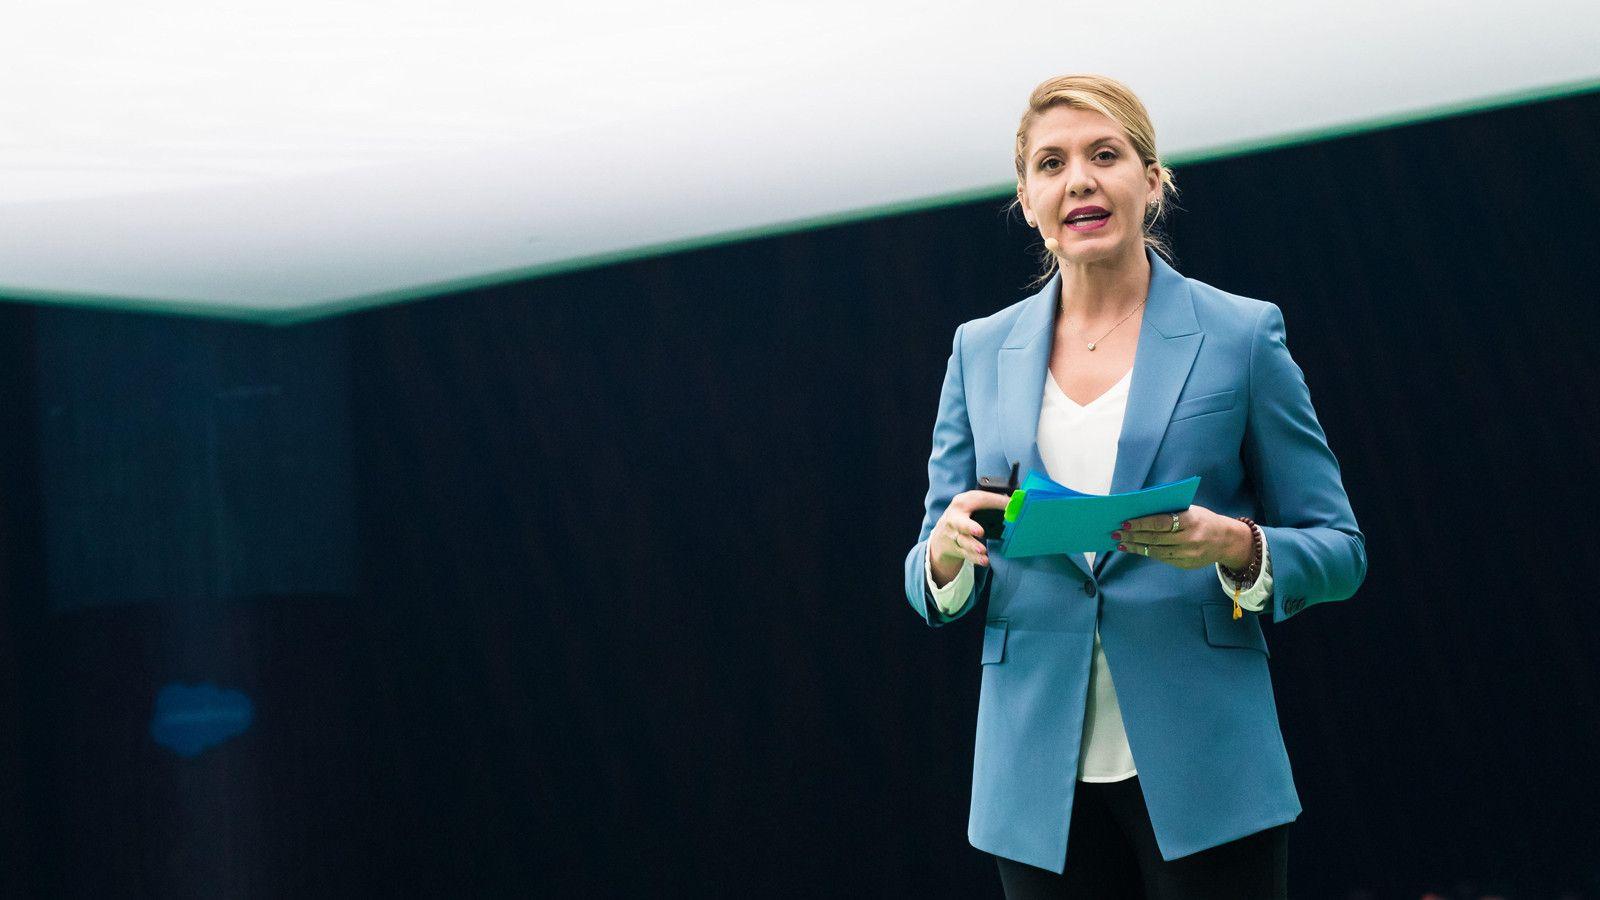 Entrevista a Laura Guzmán Linares, Regional Vice President Marketing Cloud en Salesforce